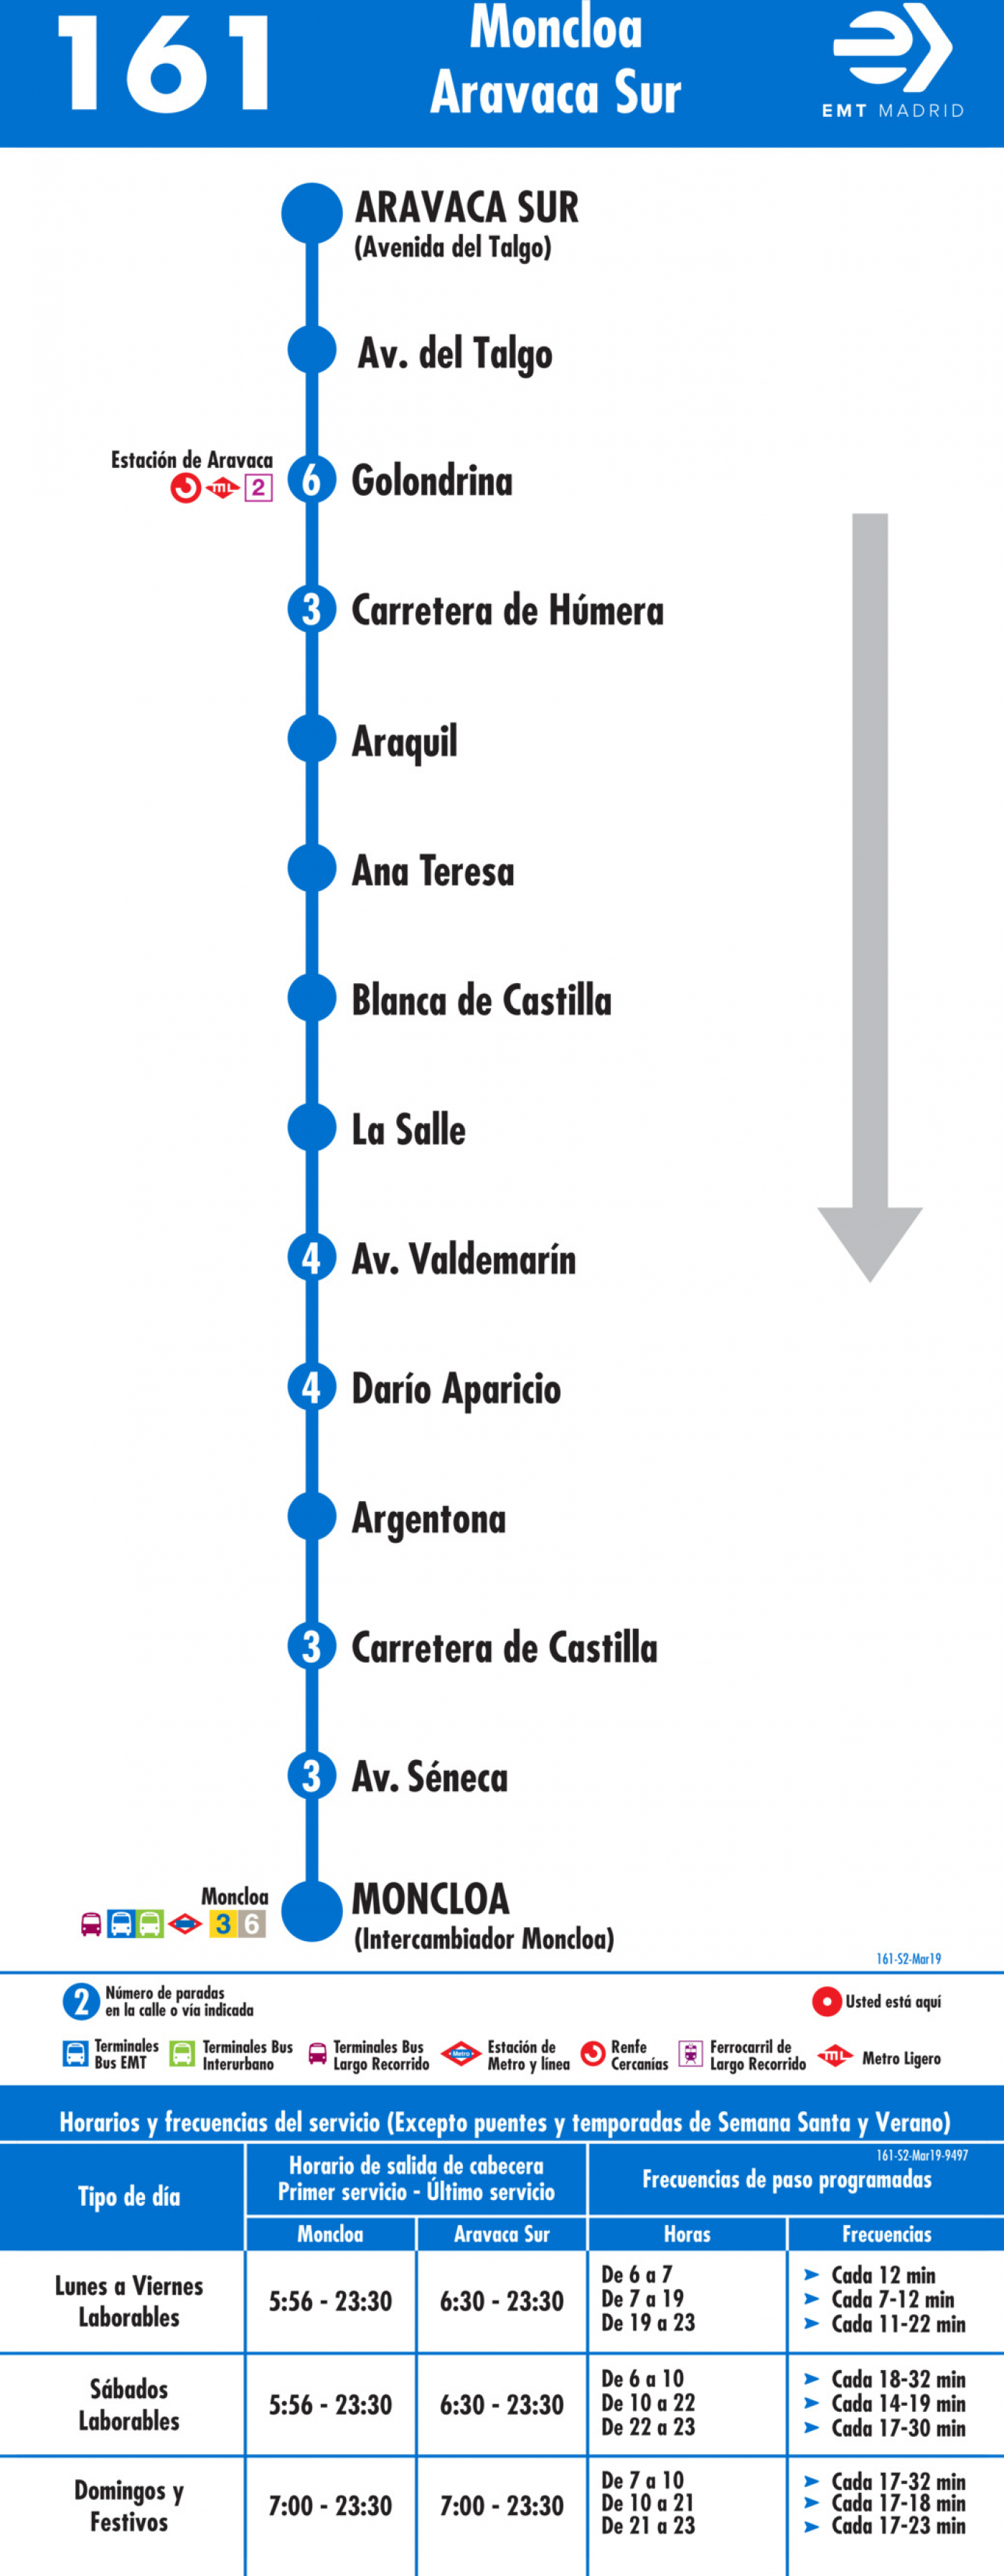 Tabla de horarios y frecuencias de paso en sentido vuelta Línea 161: Moncloa - Estación de Aravaca